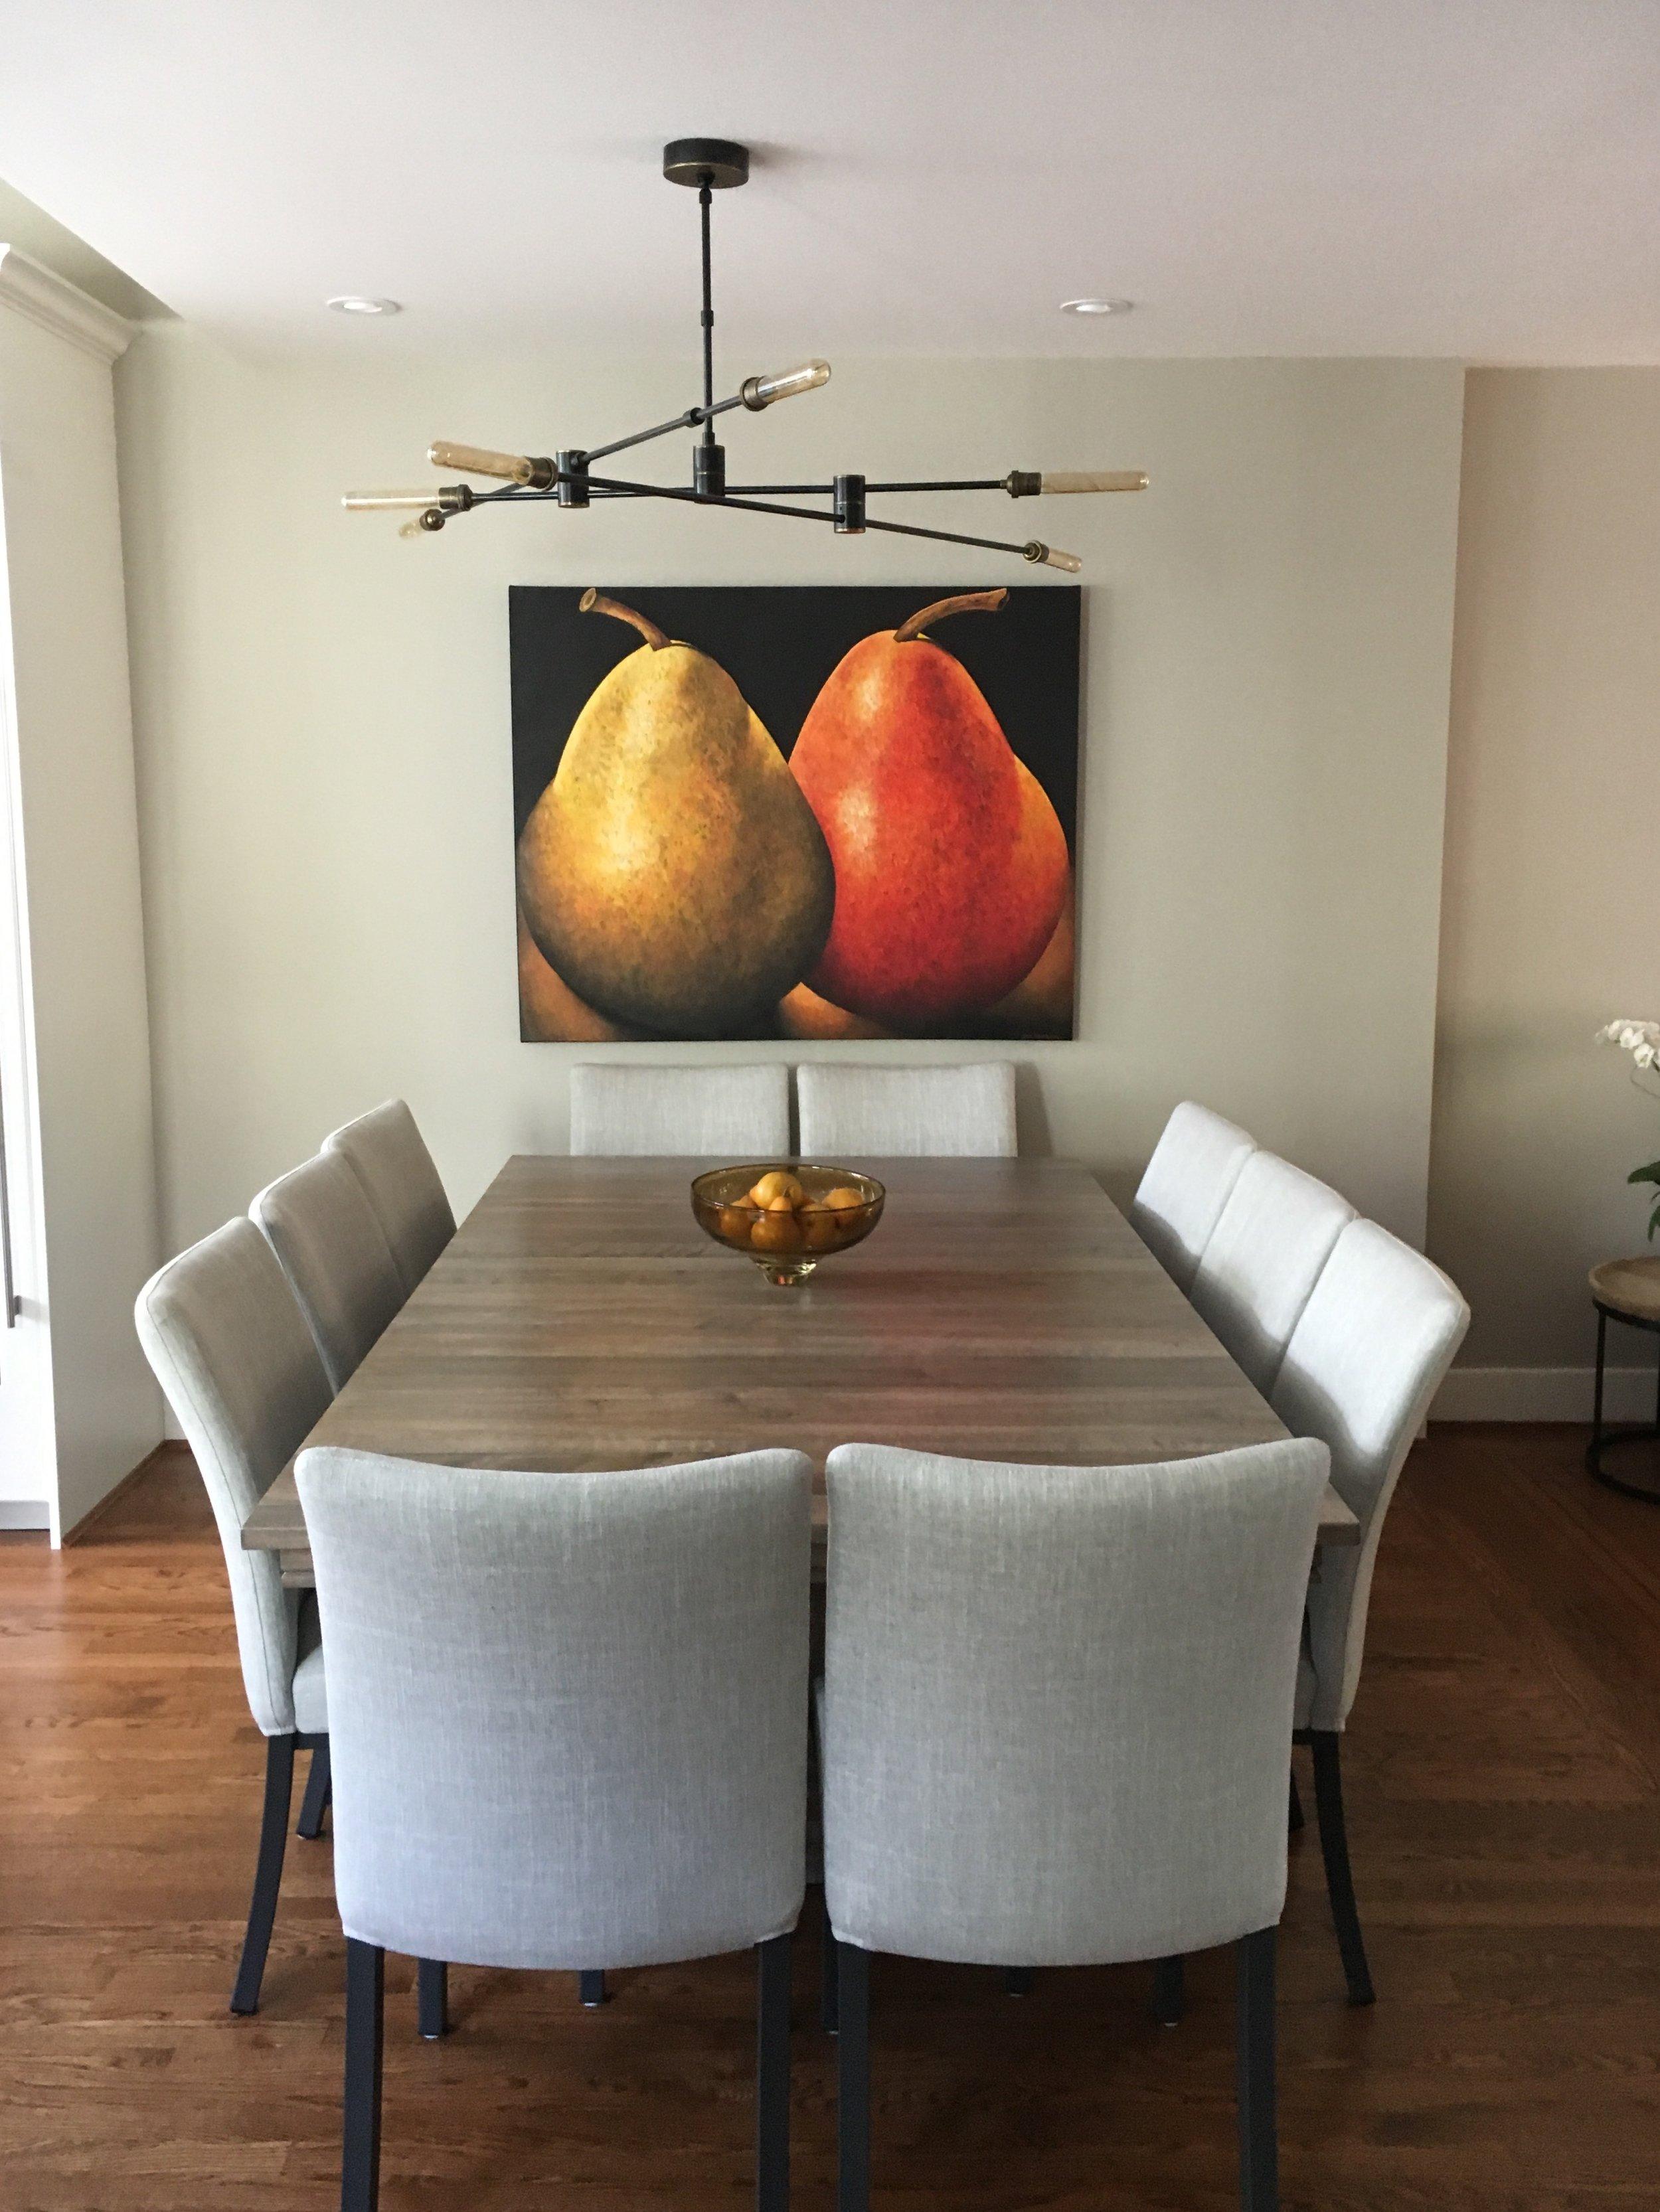 Dunbar kitchen_family room update.jpeg